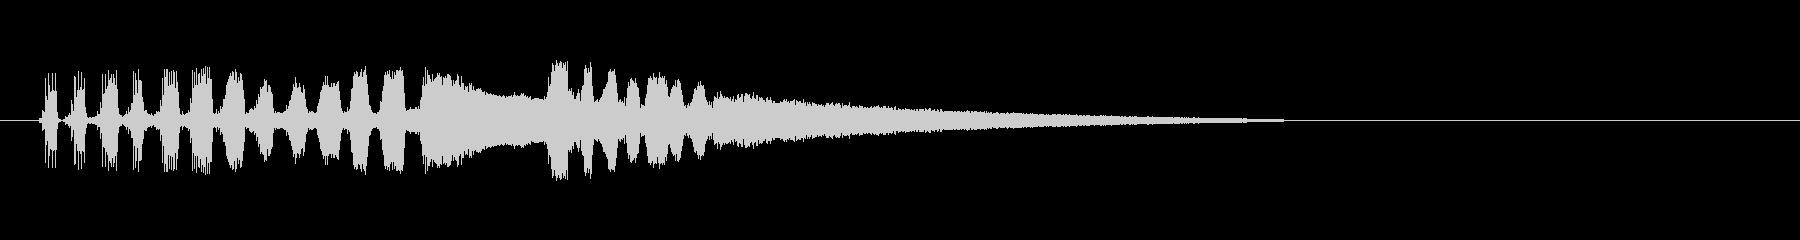 テーマ12B:バソーン、クラリネットの未再生の波形